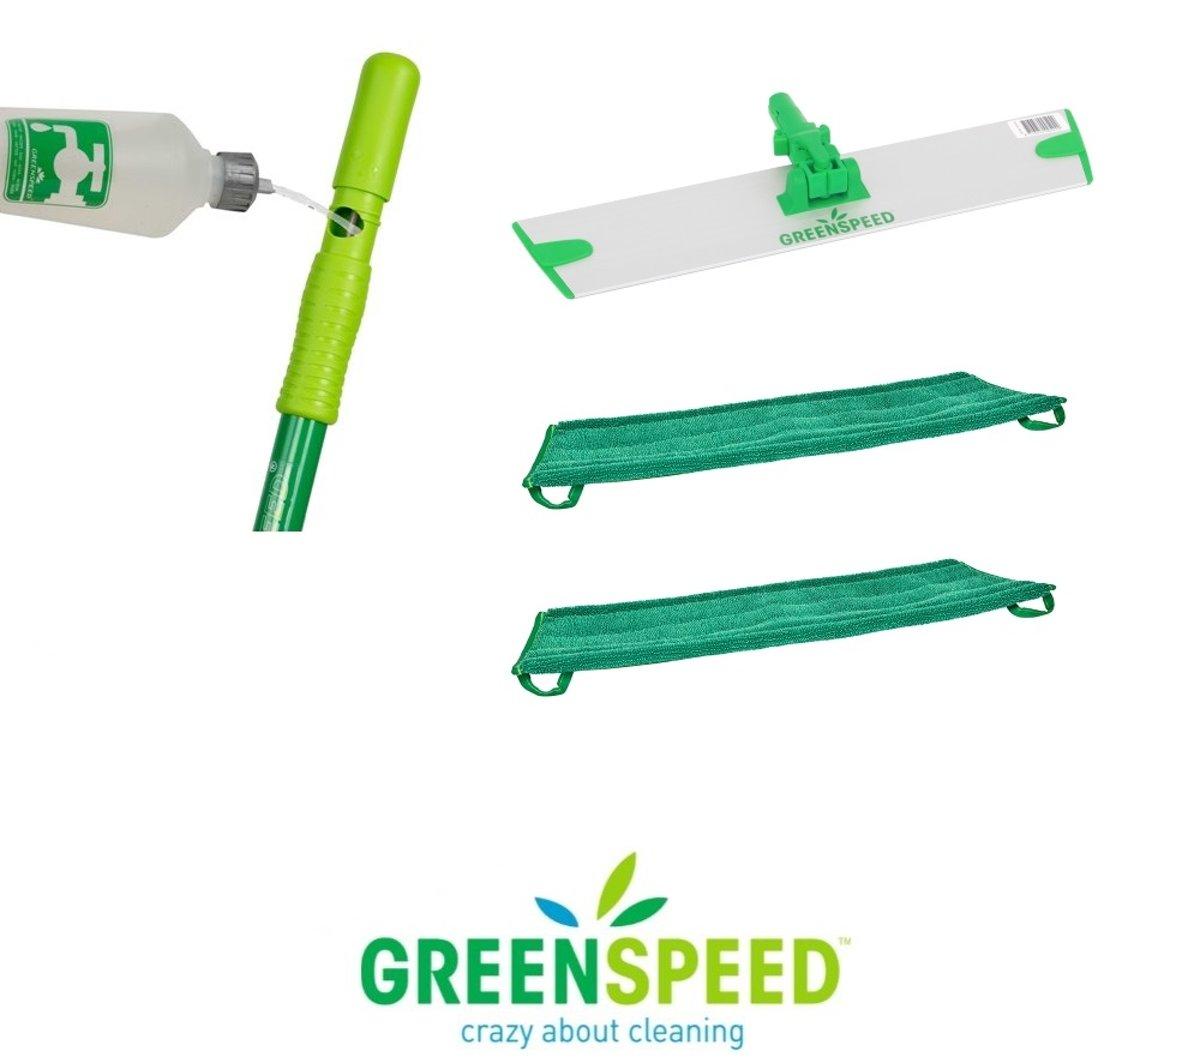 Greenspeed Sprenkler dweilset met 2 microvezel vlakmoppen kopen